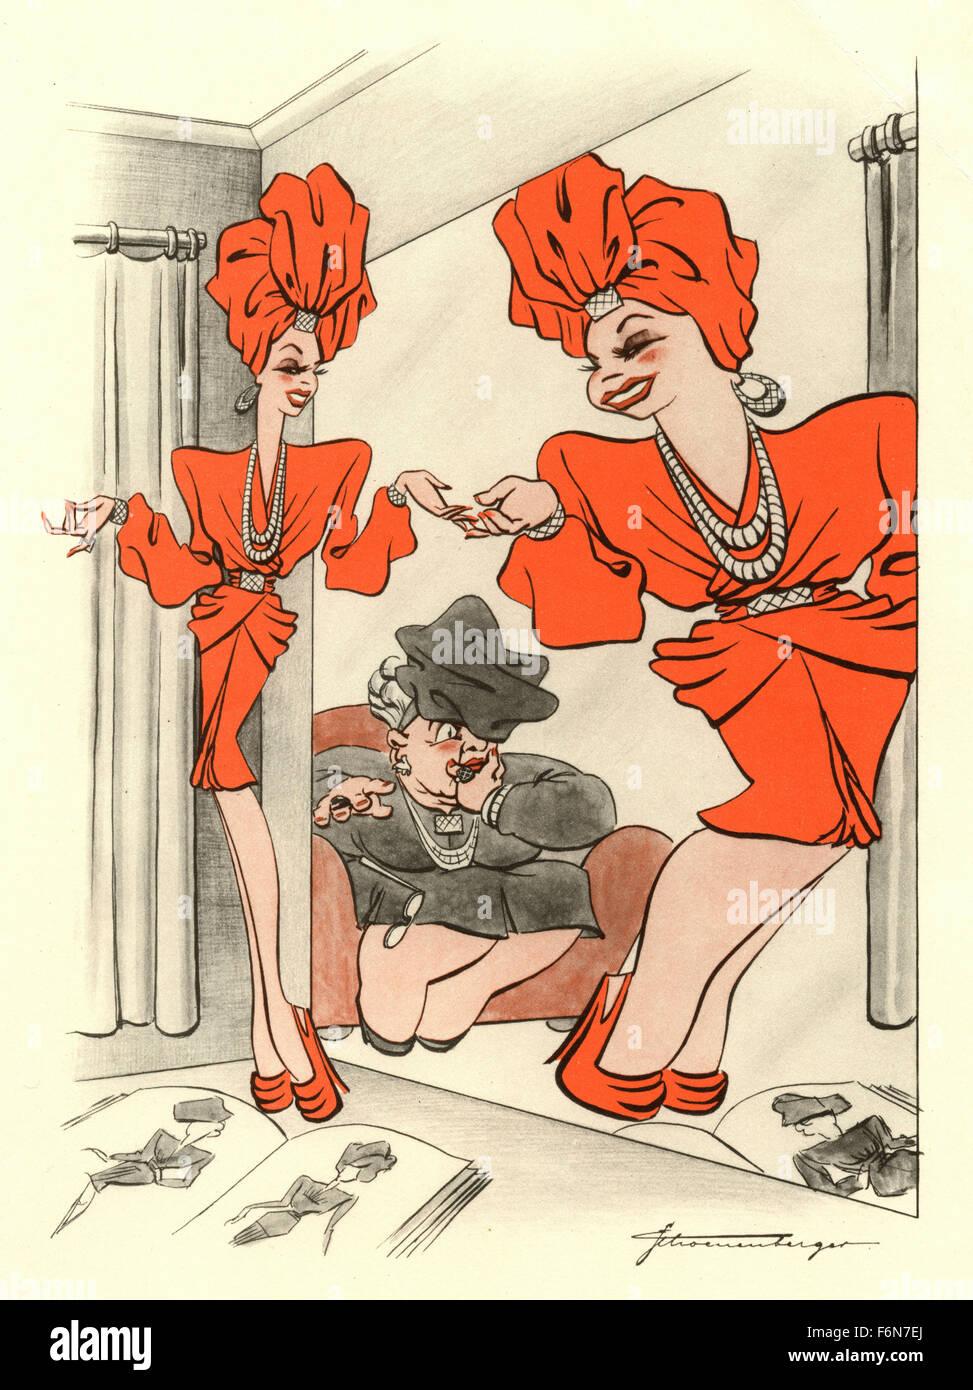 Tedesco illustrazioni satirico 1950: Donna nello specchio Immagini Stock